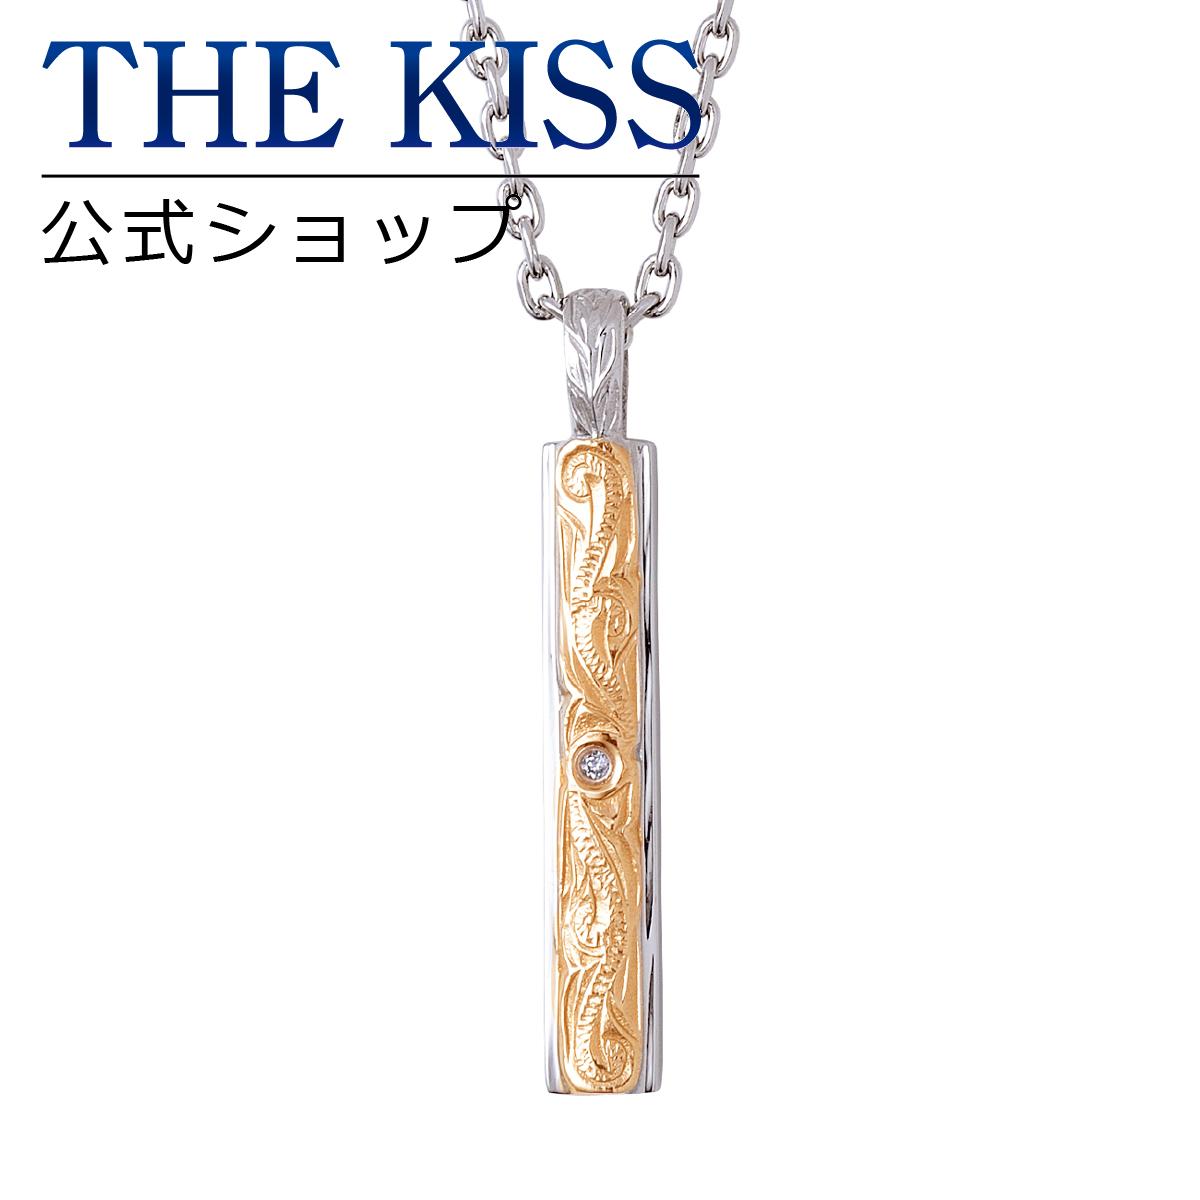 【あす楽対応】THE KISS 公式サイト ステンレス ハワイアン ペアネックレス (レディース 単品) ペアアクセサリー カップル に 人気 の ジュエリーブランド THEKISS ペア ネックレス・ペンダント 記念日 プレゼント L-N8031DM ザキス 【送料無料】